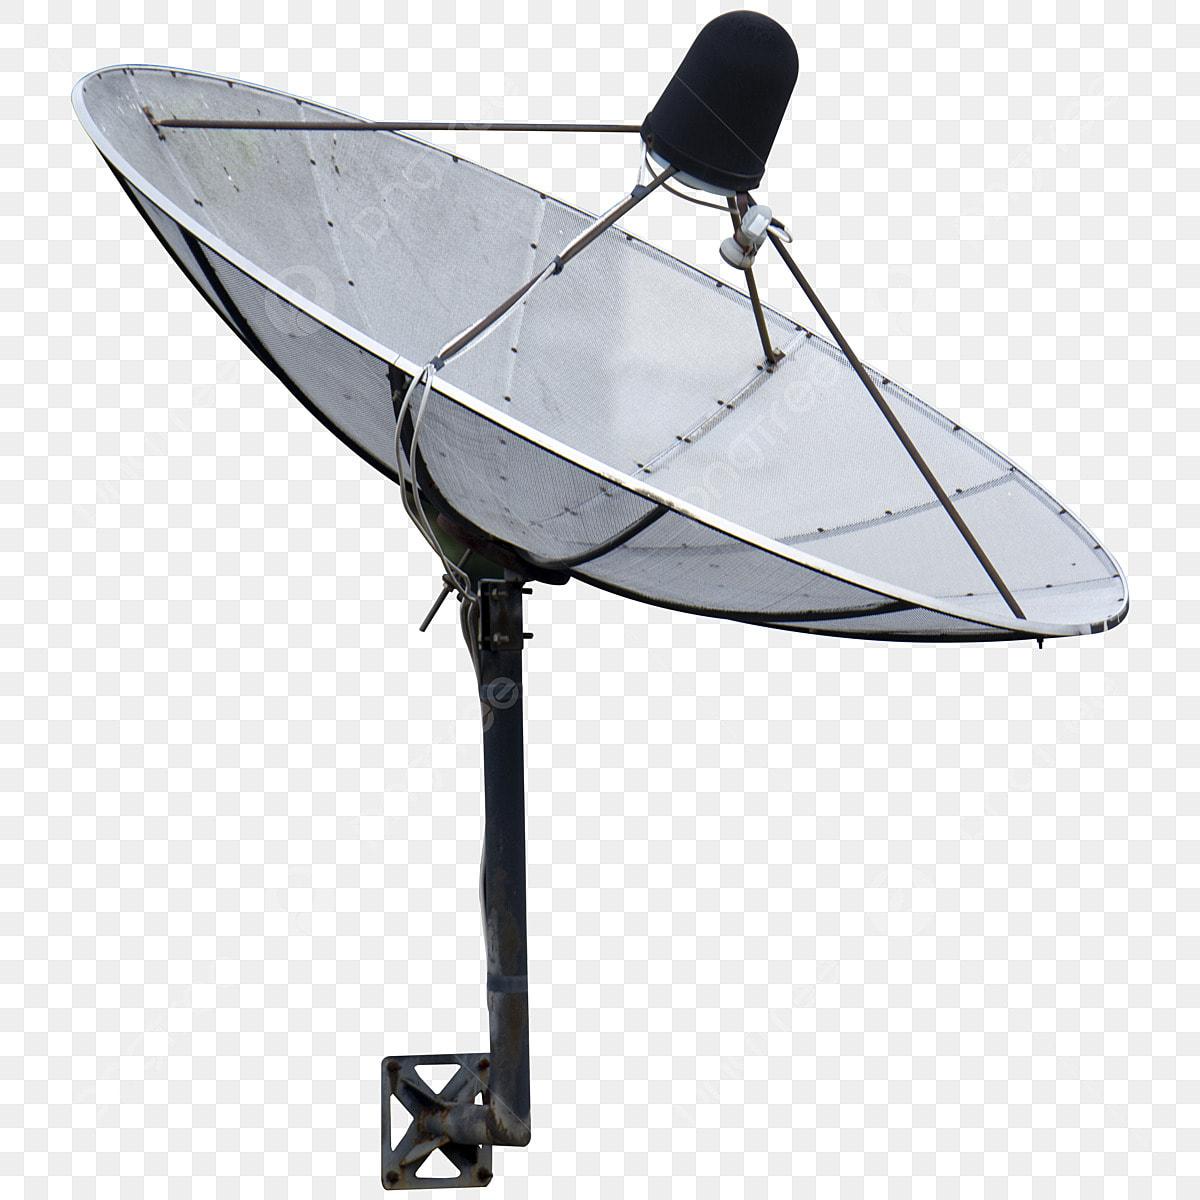 Transparent Satellite Dish Clipart - Satellite Antenna Icon , Free  Transparent Clipart - ClipartKey